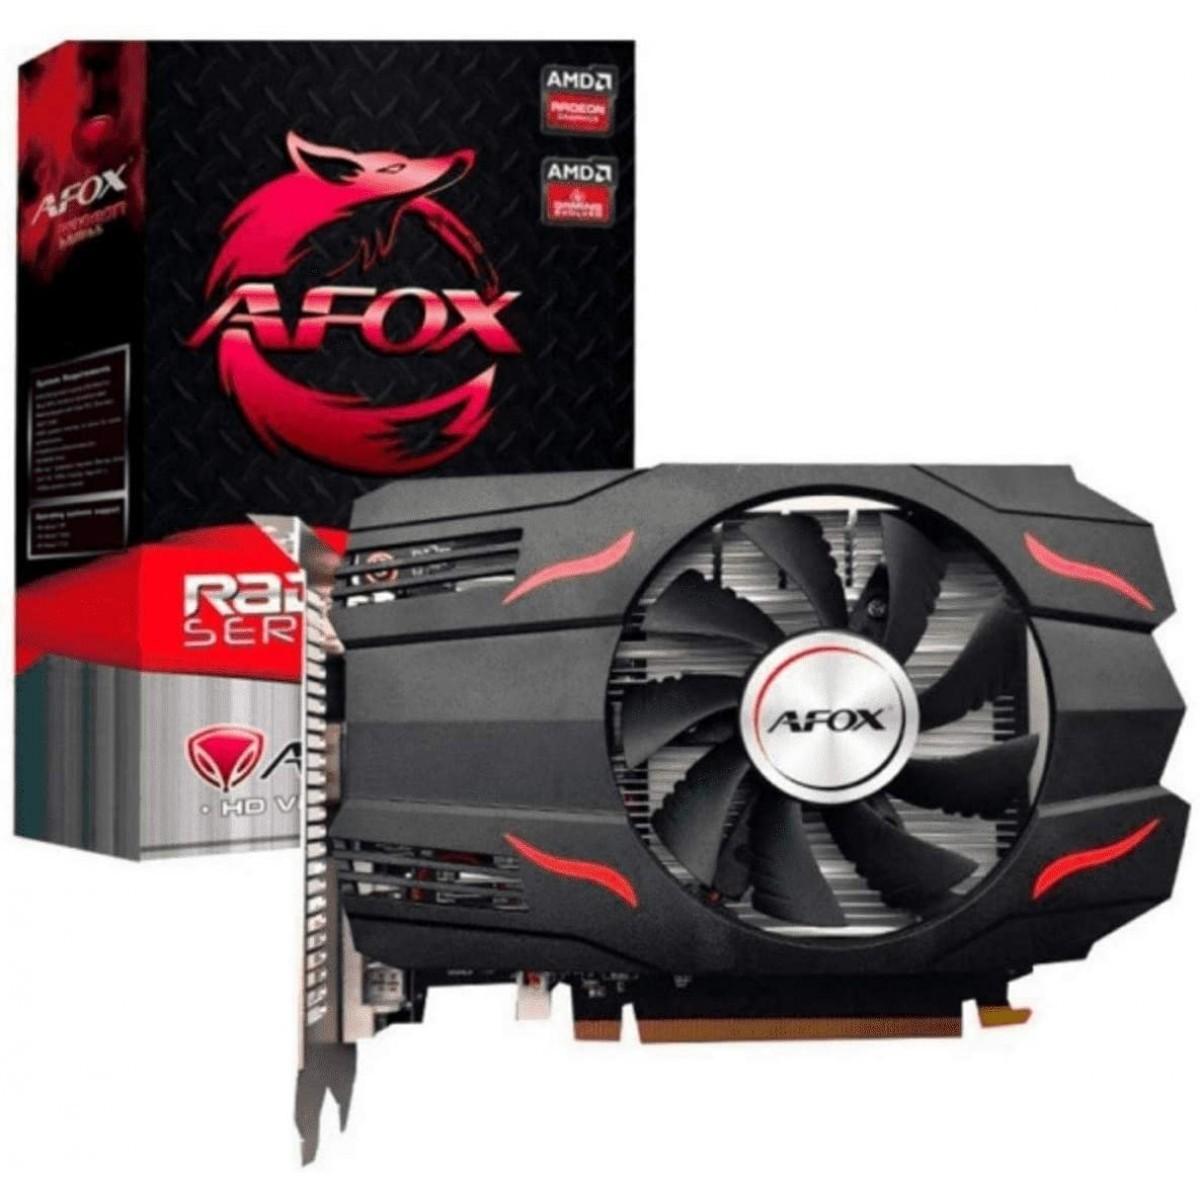 PLACA DE VIDEO AFOX RADEON RX 550 2GB 128-BIT AFRX550-2048D5H3